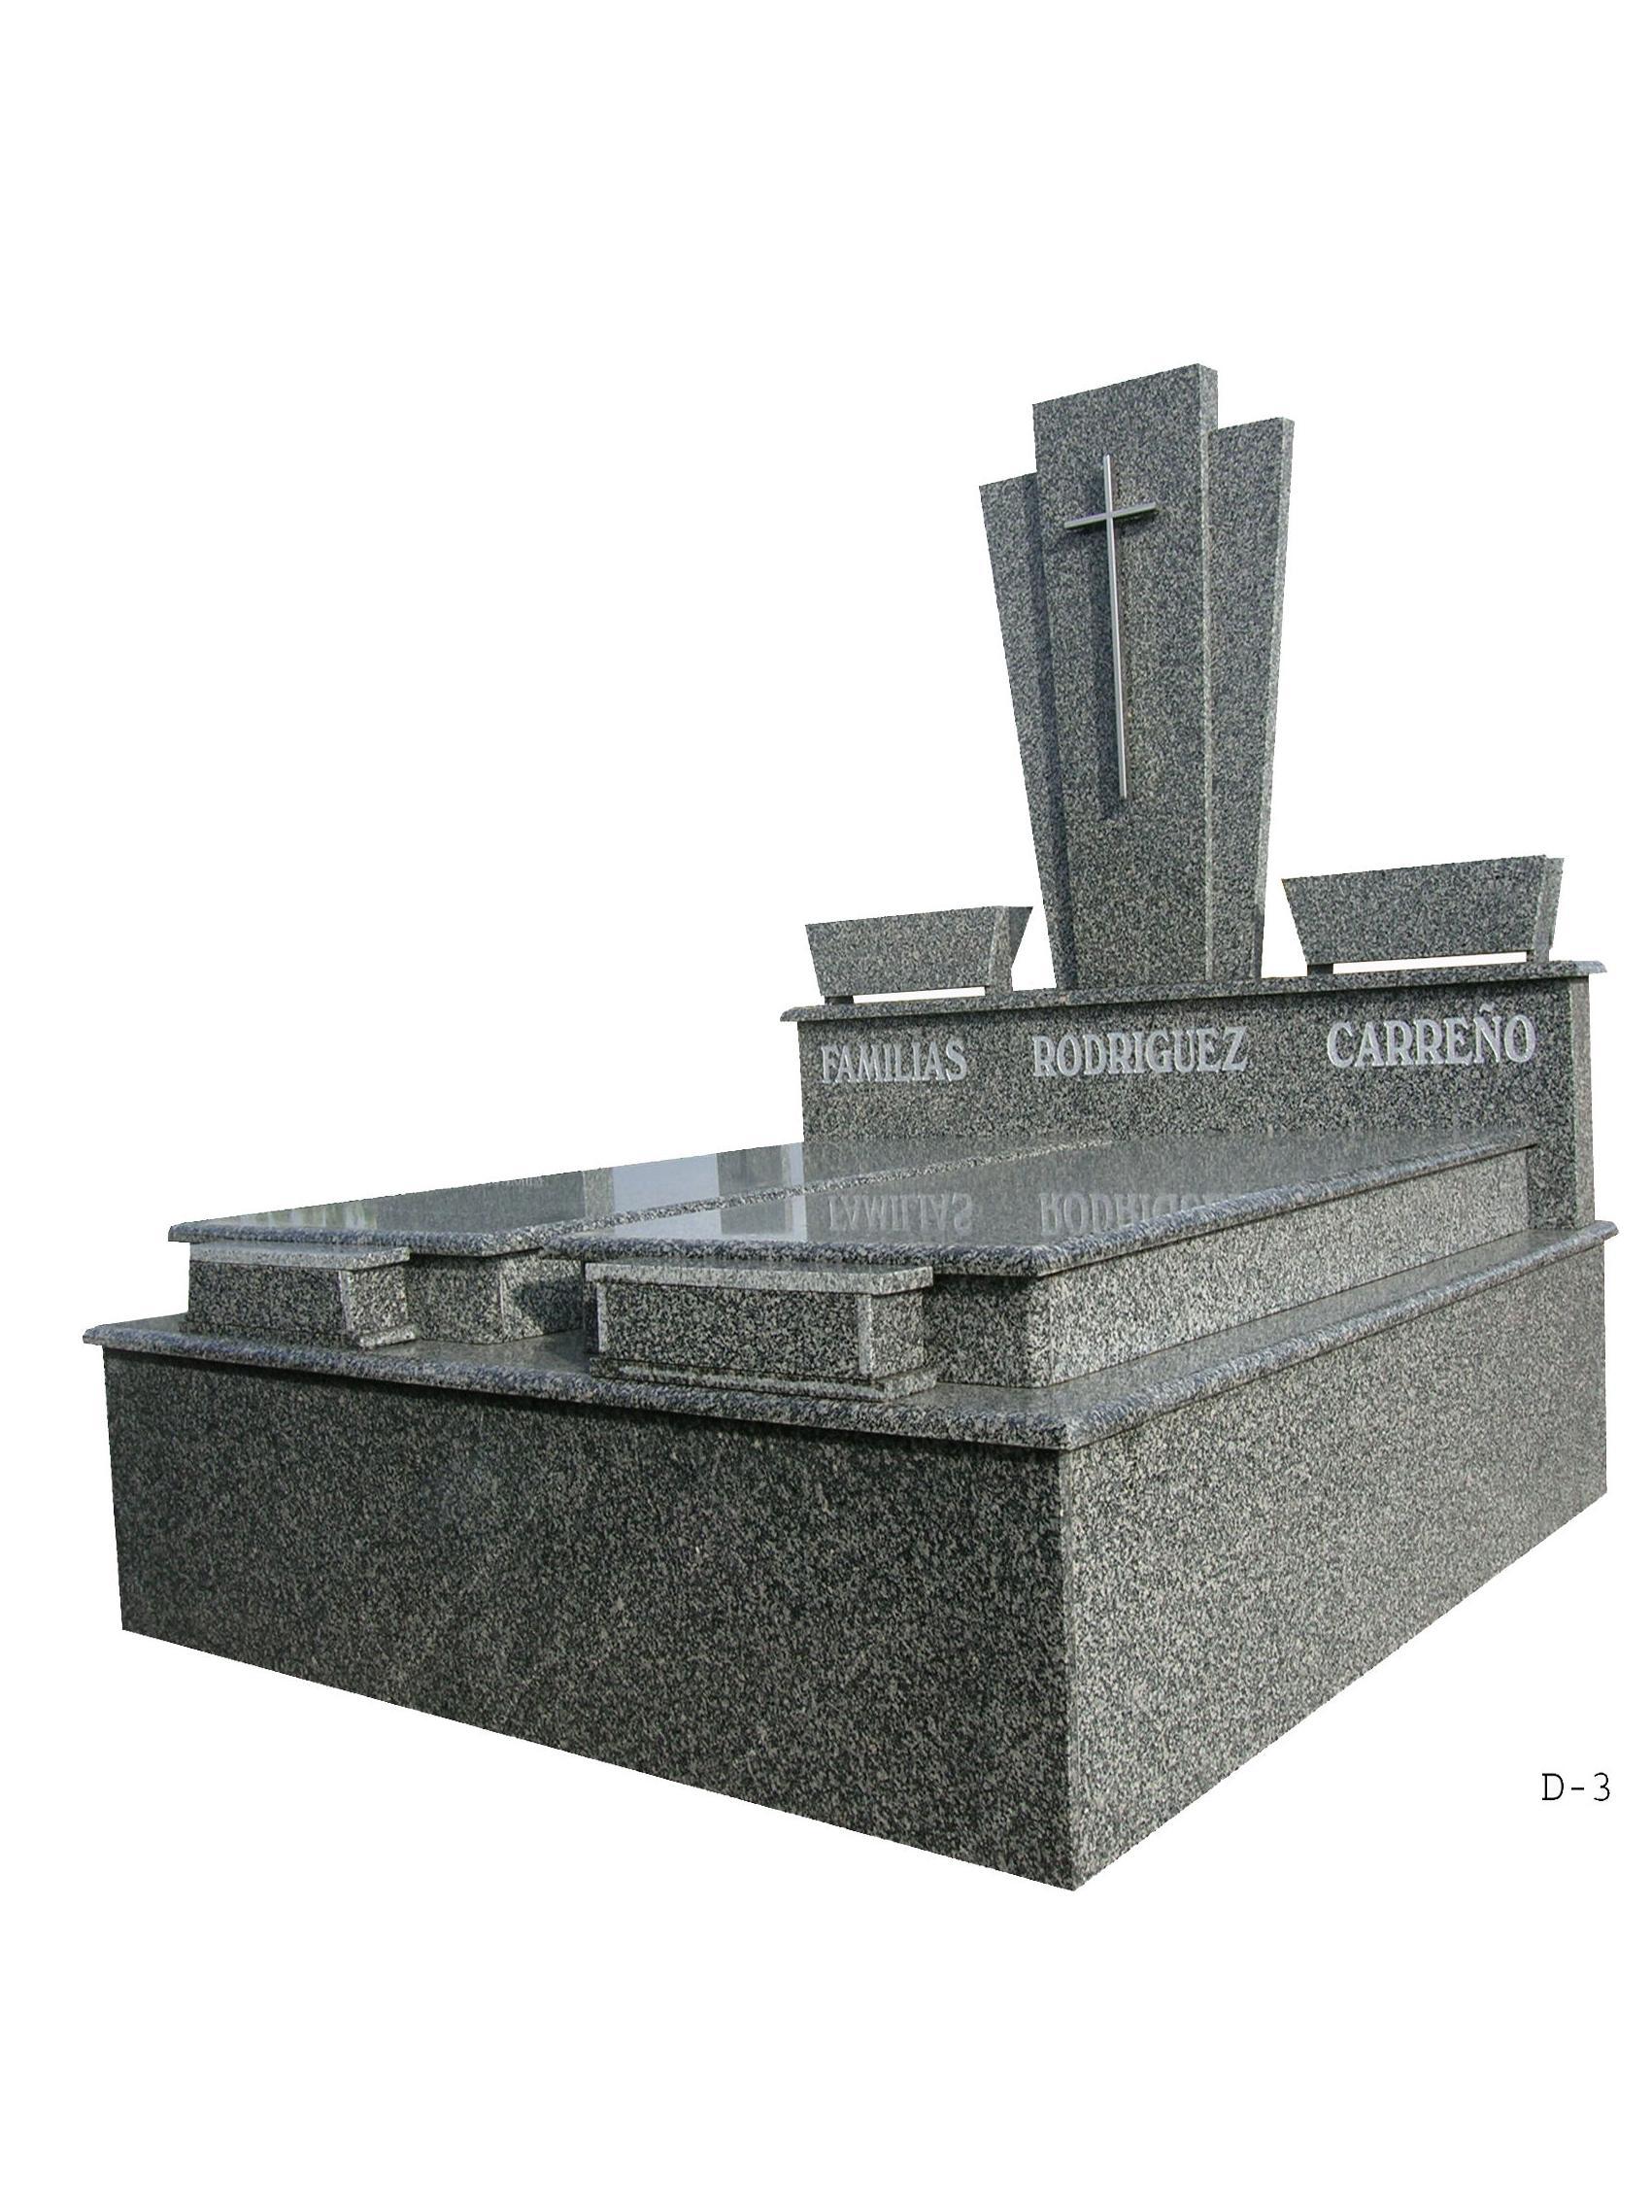 Servicio de enterramiento: Trabajos de Jagrama, S.L.